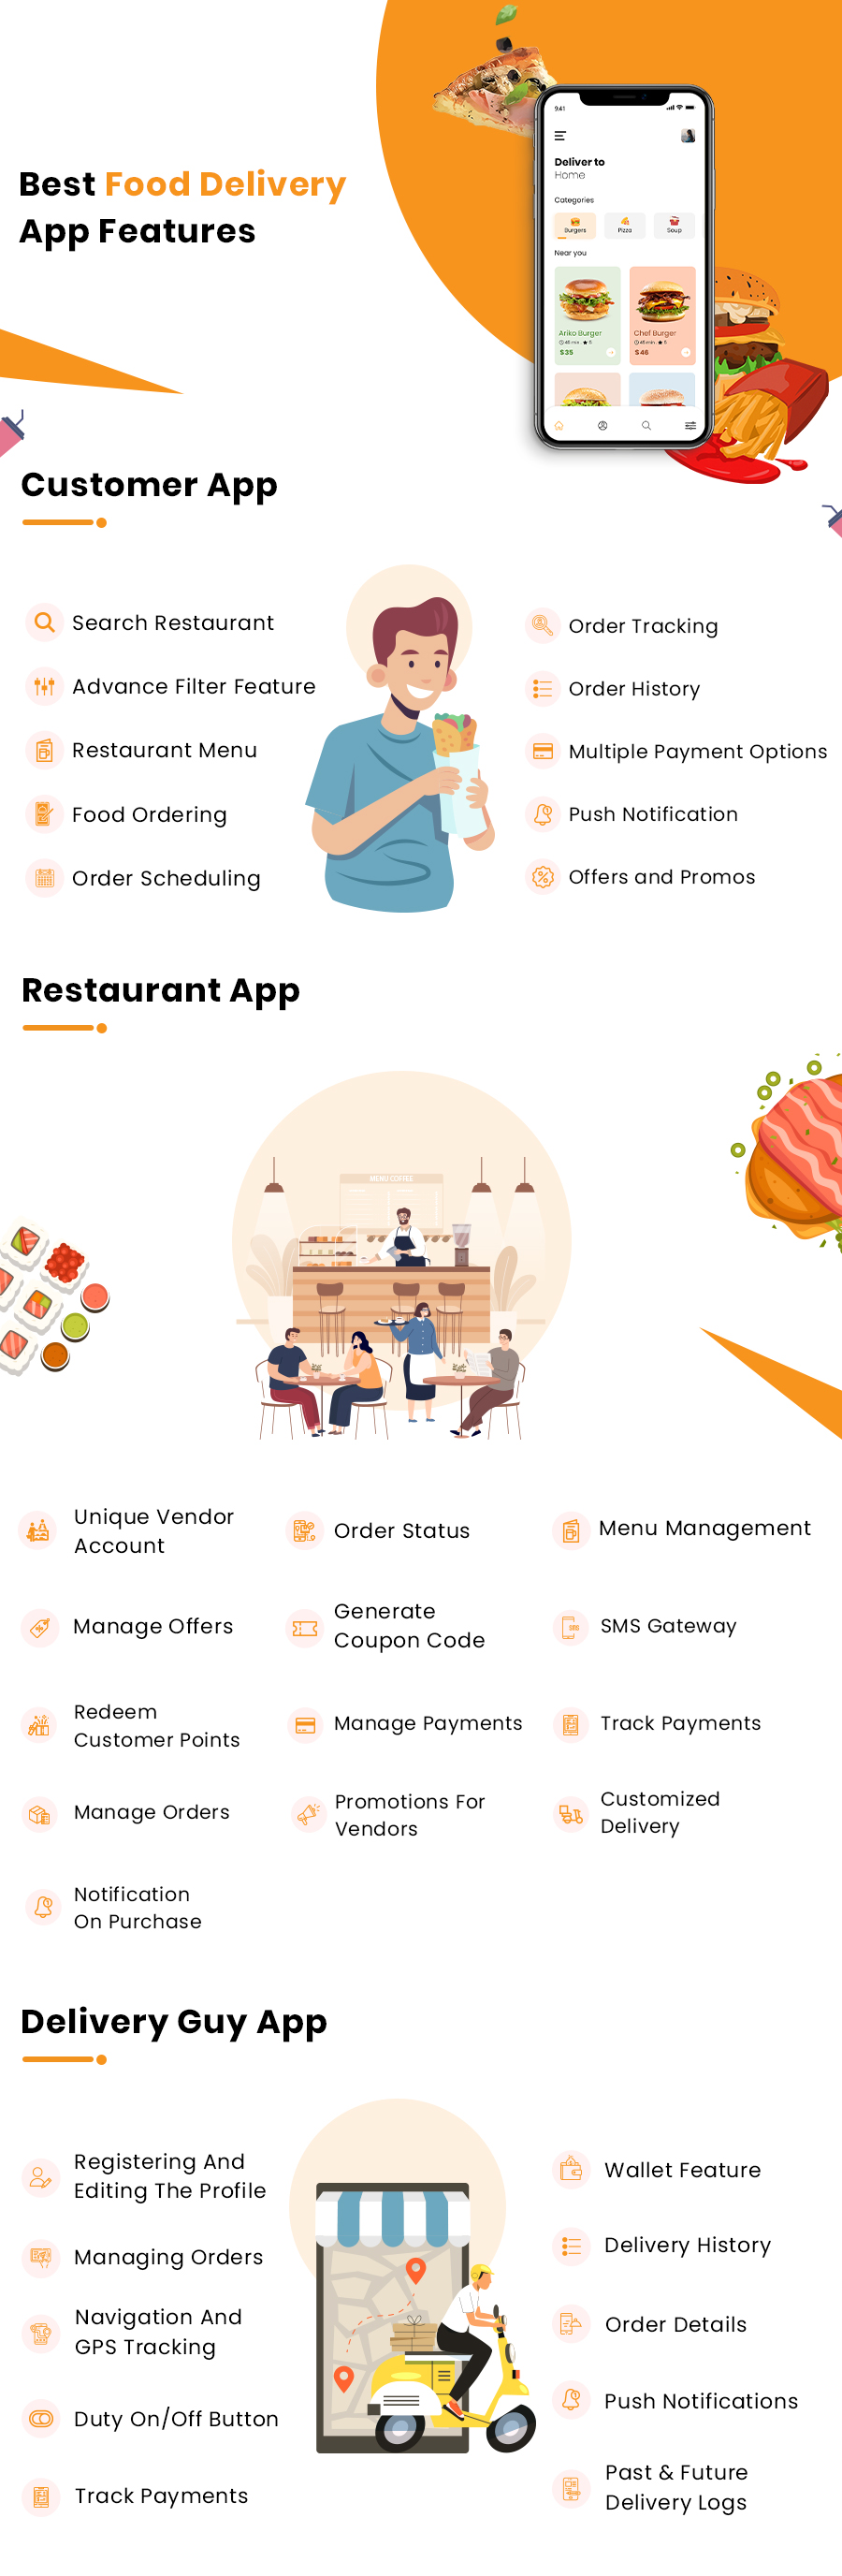 Best Apps Like DoorDash Features